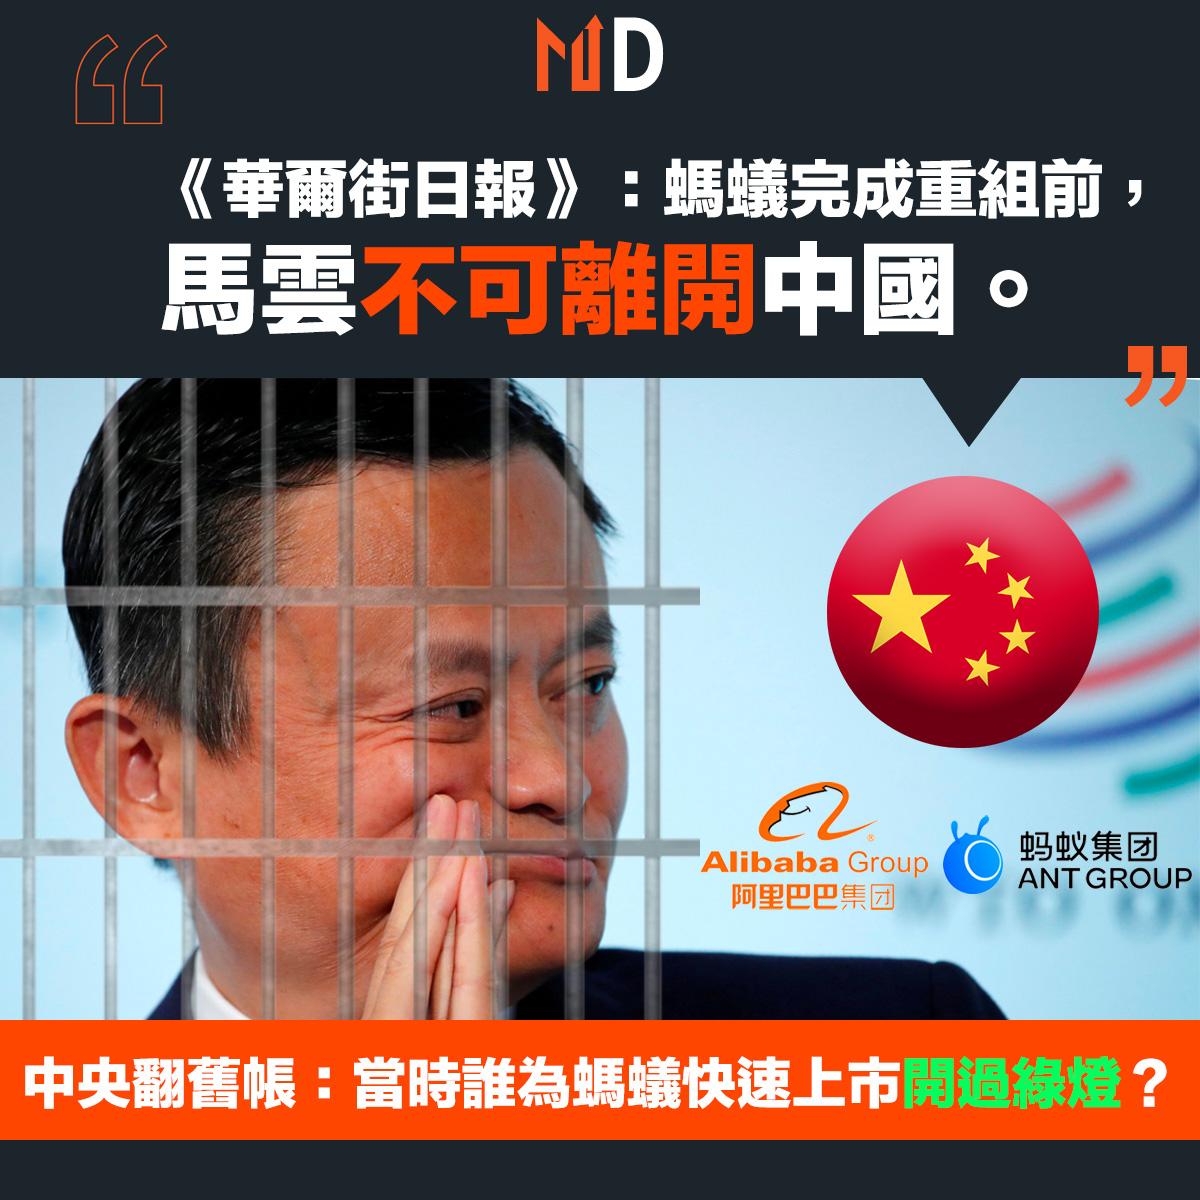 【市場熱話】《華爾街日報》:中央將徹查螞蟻,稱螞蟻在完成重組前馬雲不可離開中國。